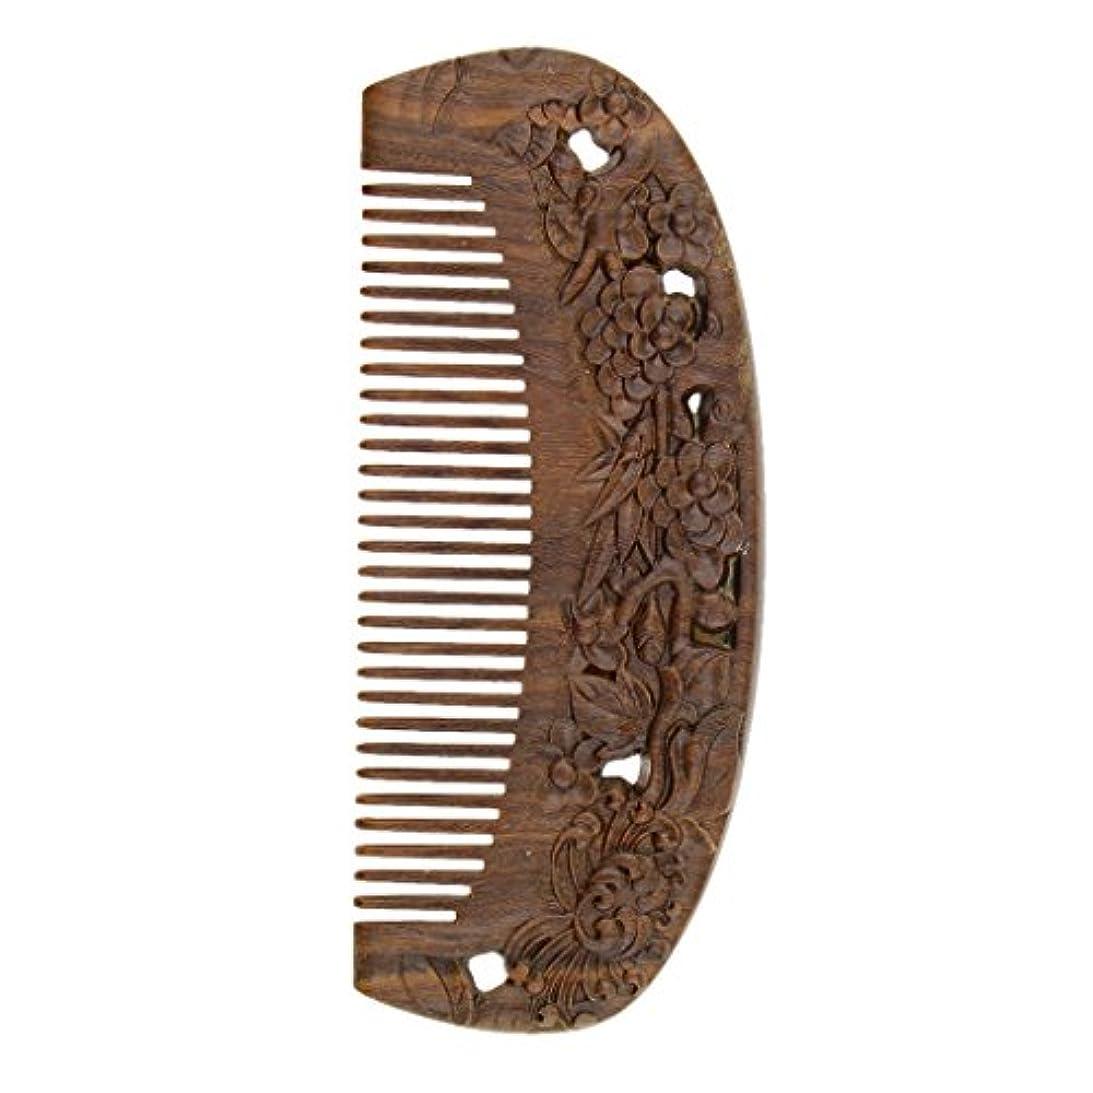 Perfeclan ウッドコーム 天然木製 高品質 木製櫛 ワイド歯 ヘアブラシ ヘアスタイリング ヘアコーム 2タイプ選べる - #2